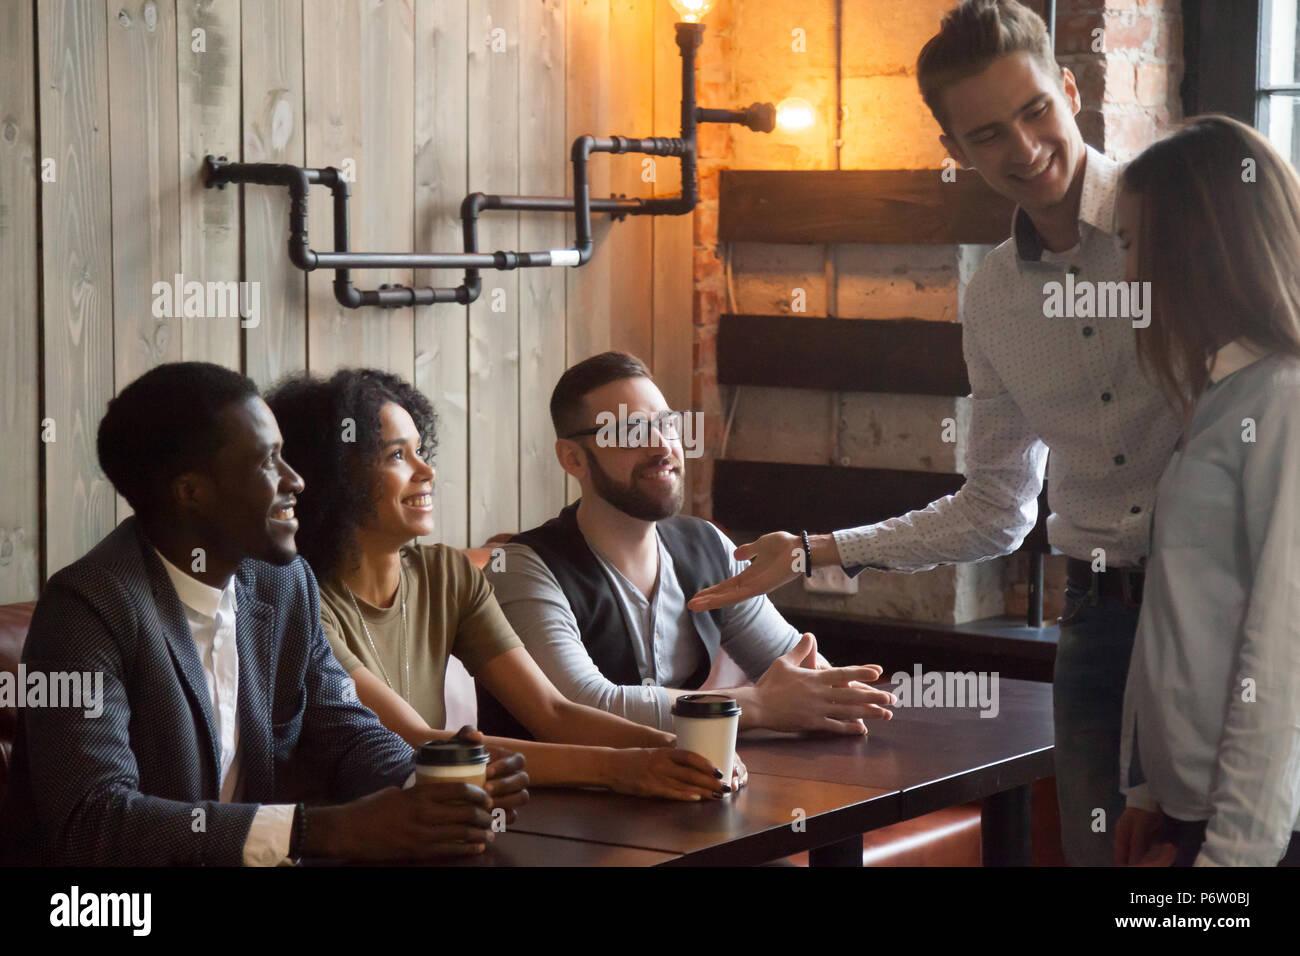 Lächelnd Mitarbeiter Einführung neuer Mitarbeiter mit Kollegen während Caf Stockbild